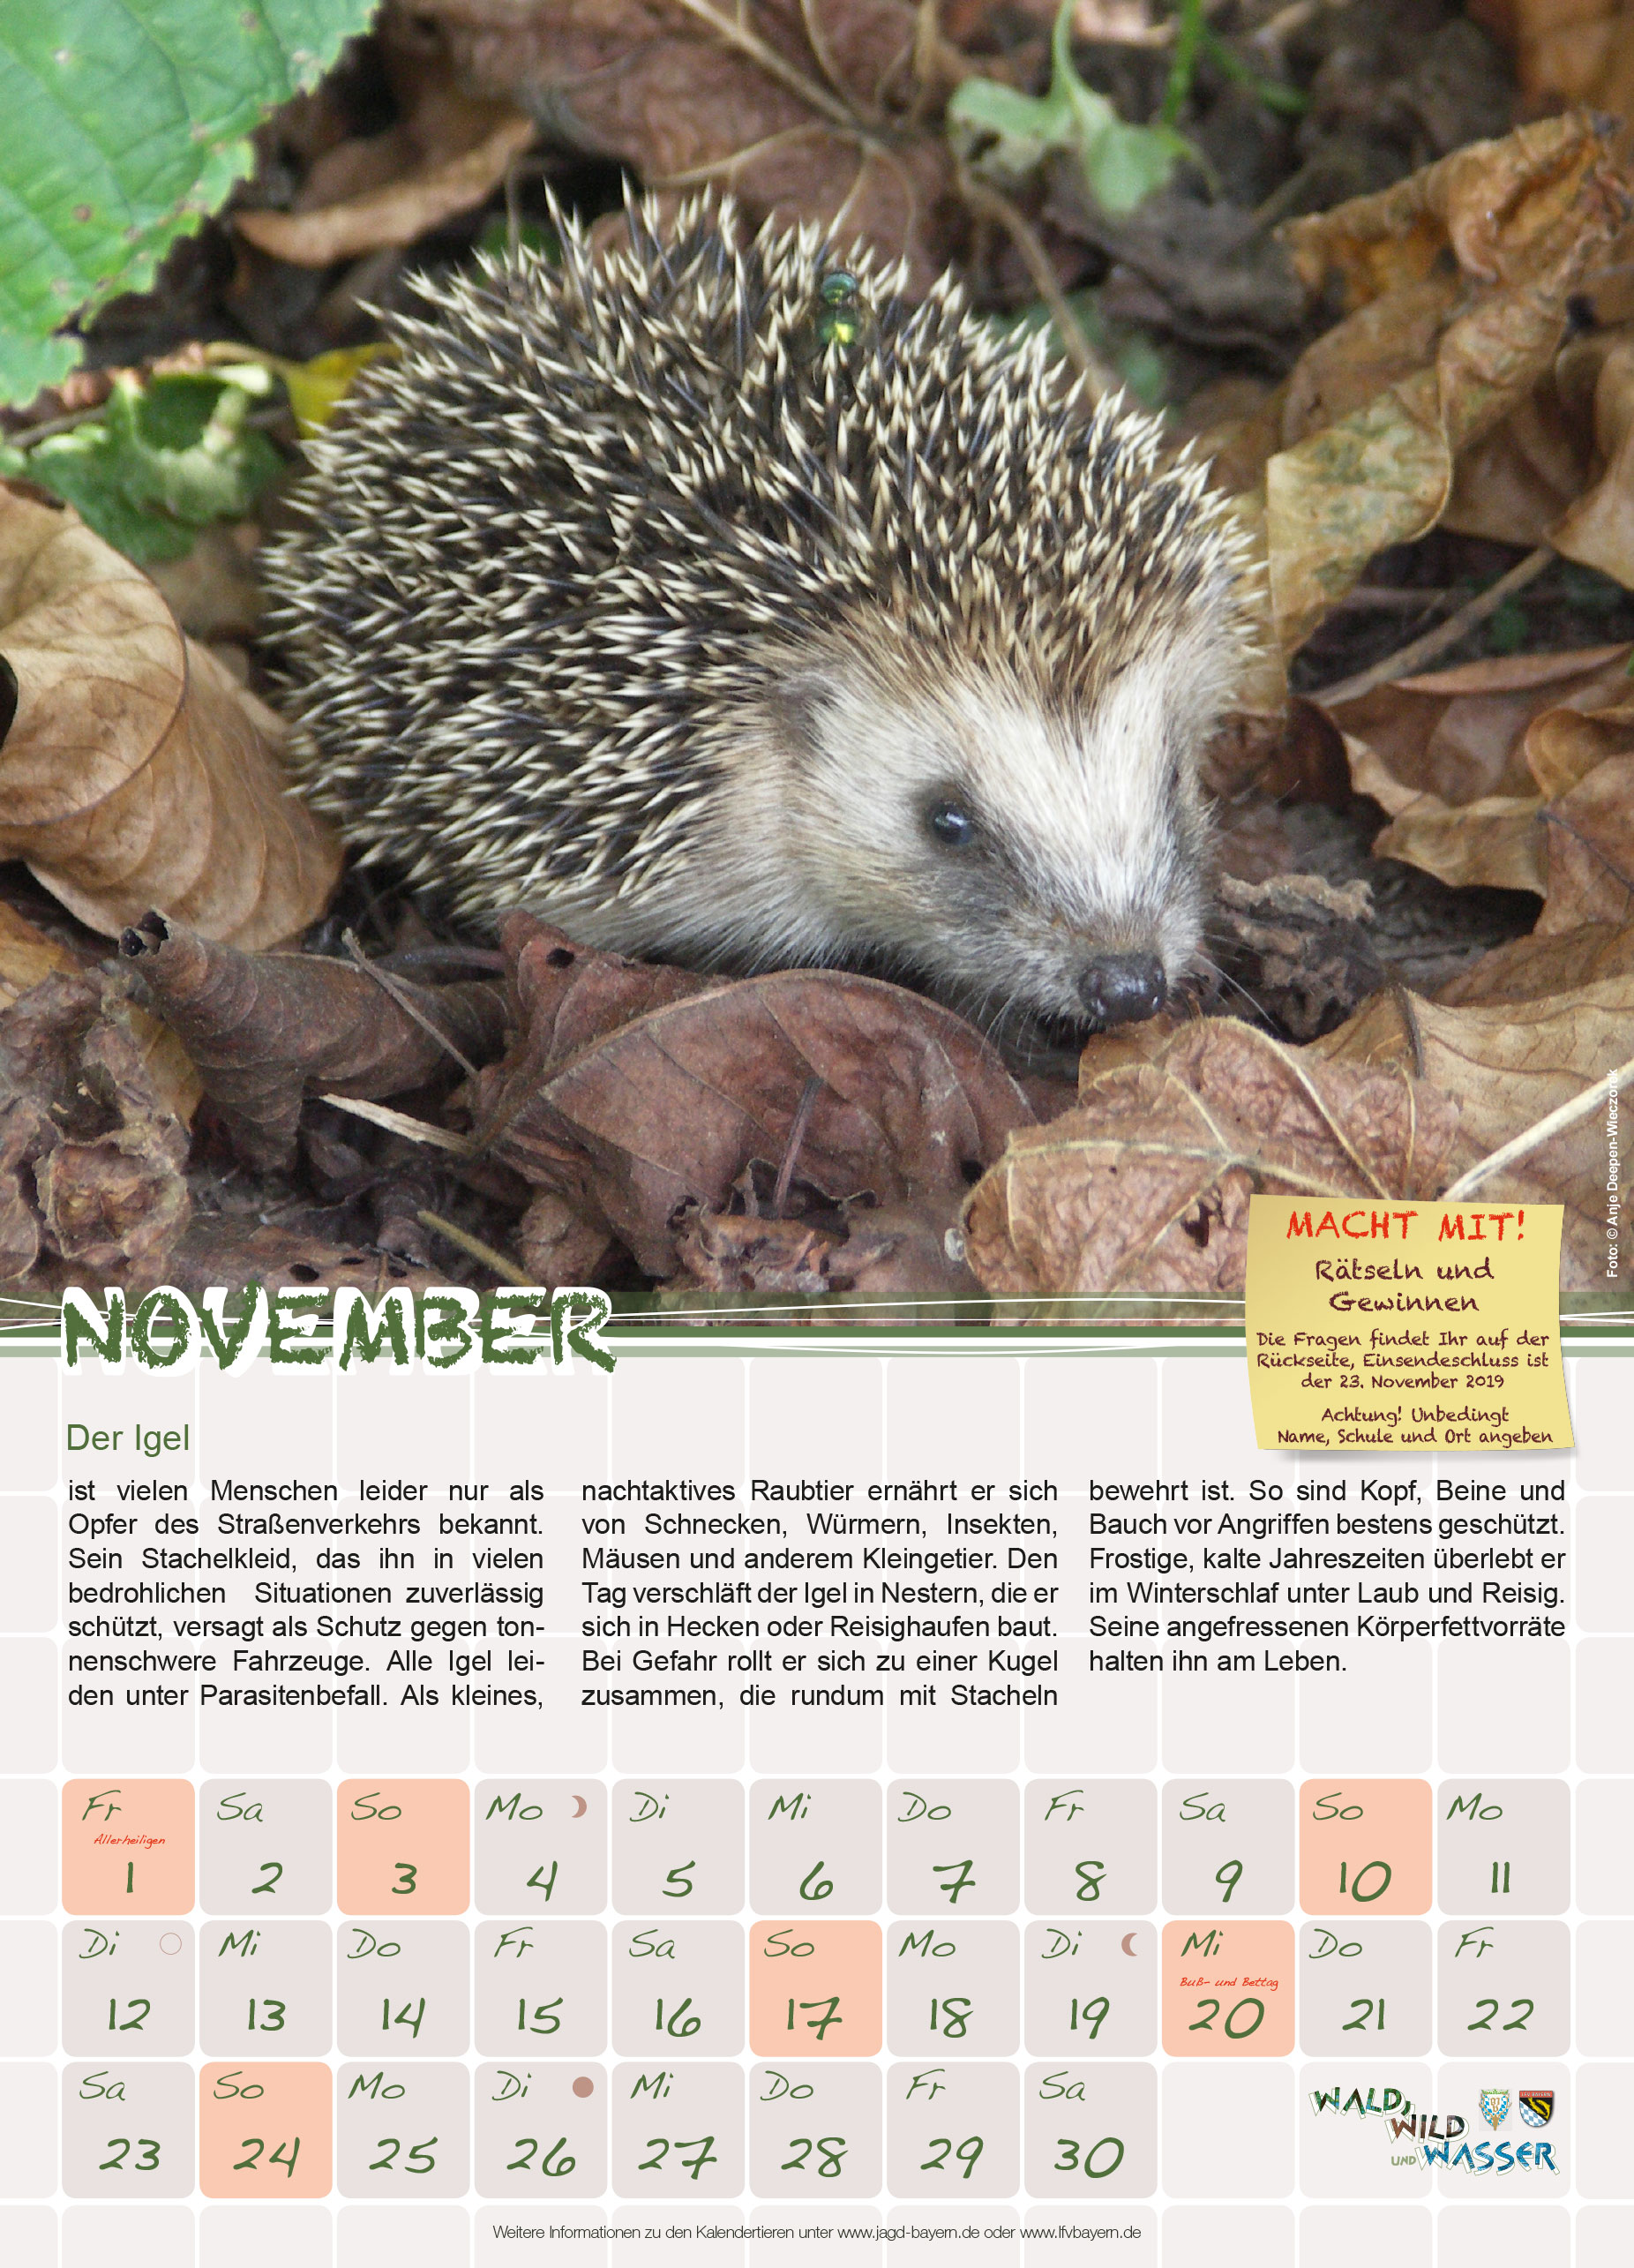 November Der Igel Landesfischereiverband Bayern